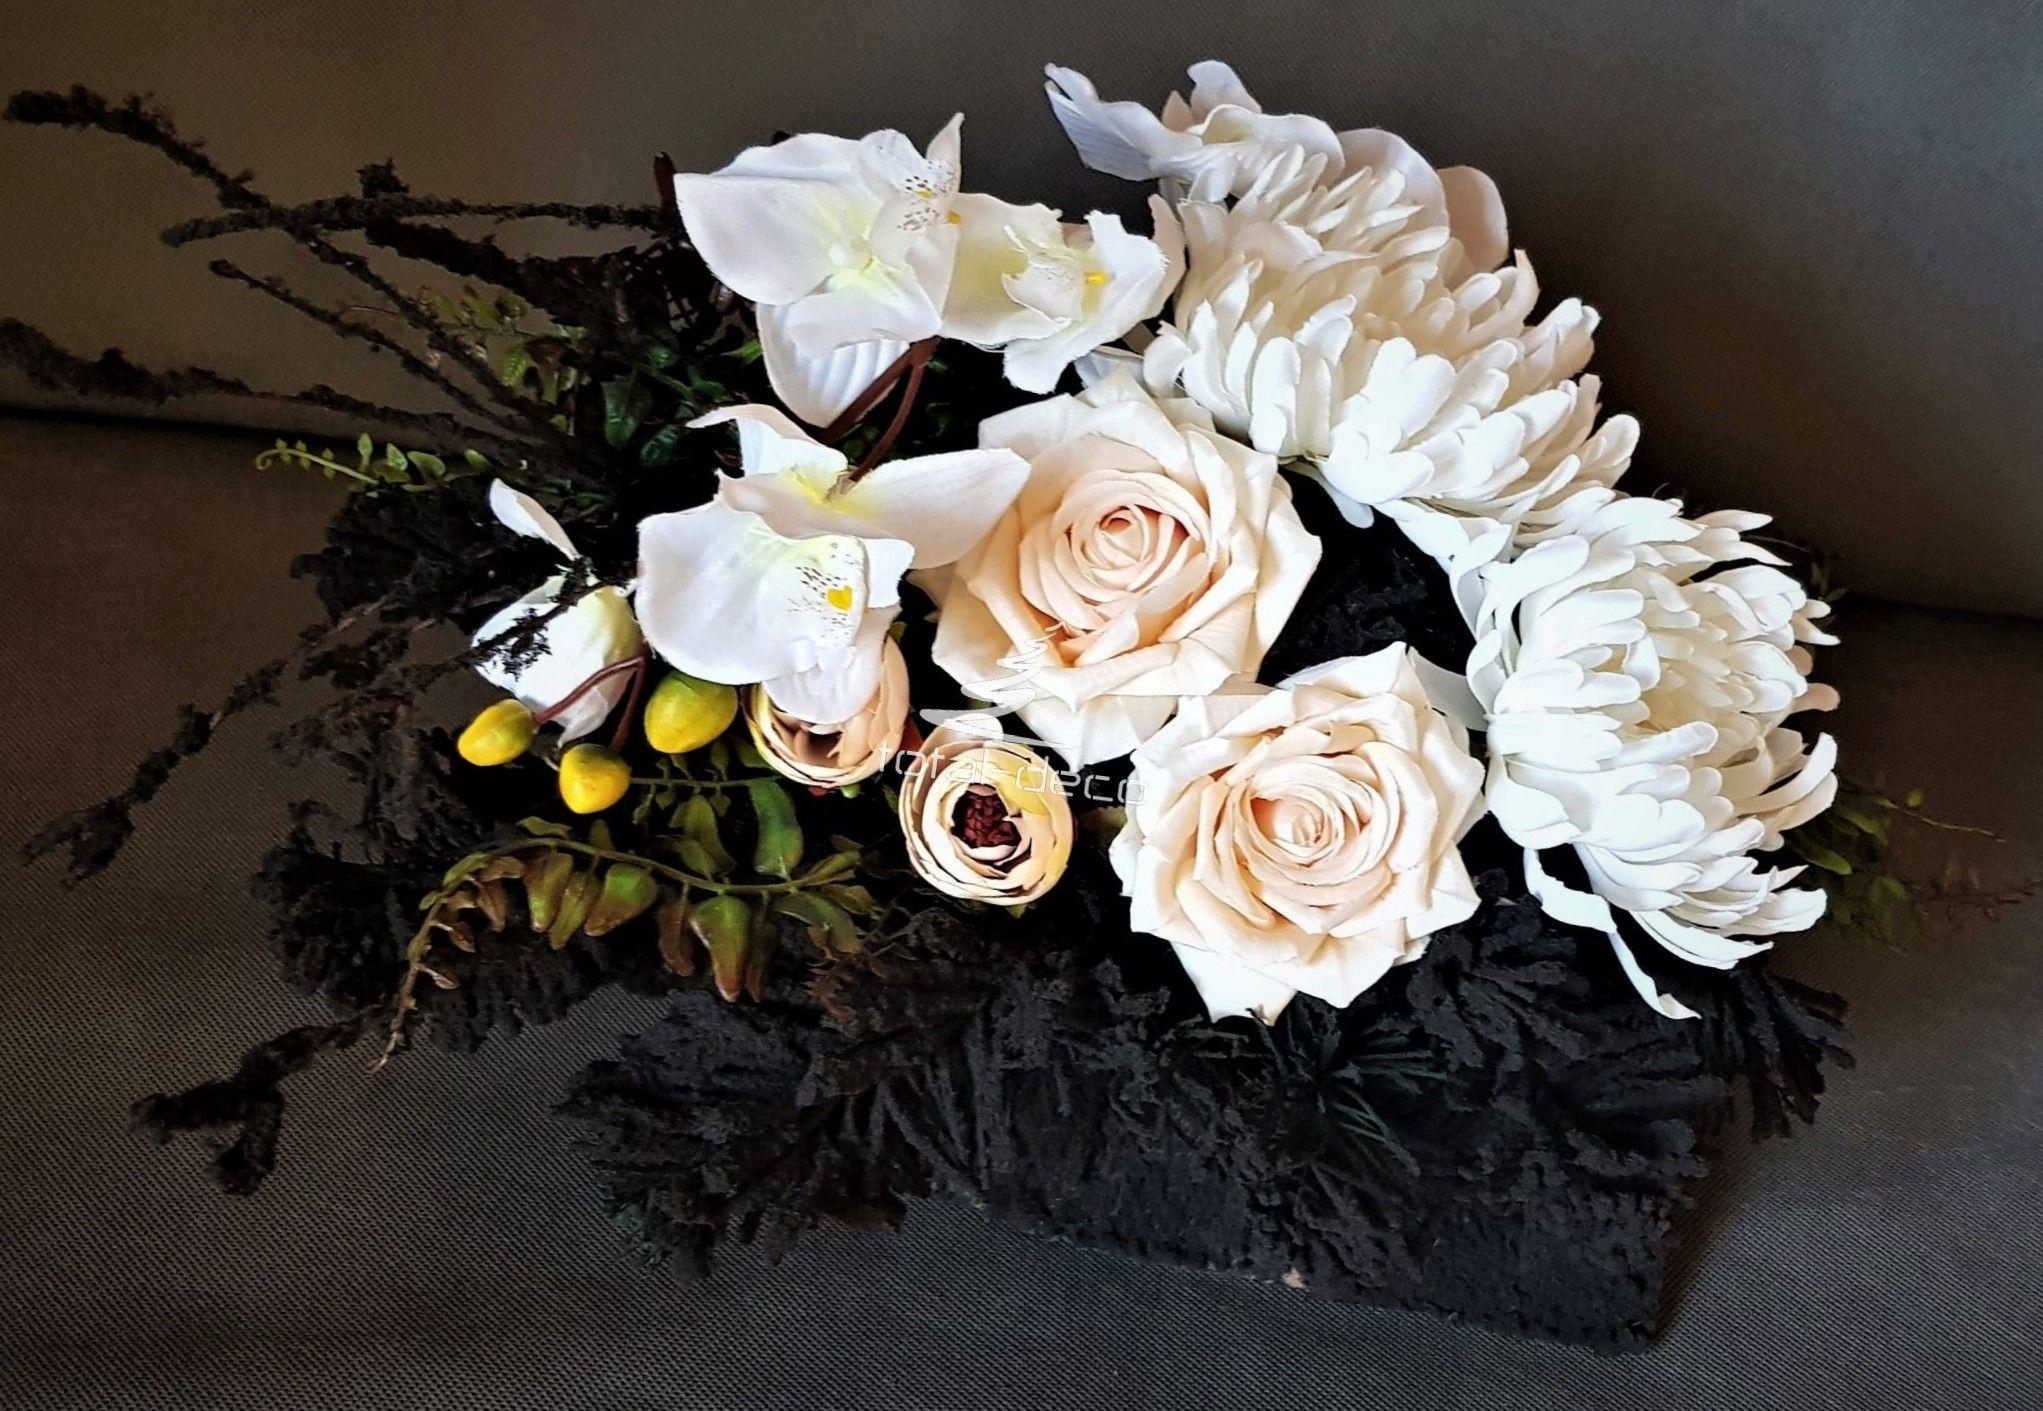 Sztuczne Kwiaty Dekoracje Na Cmentarz Floral Floral Wreath Wreaths